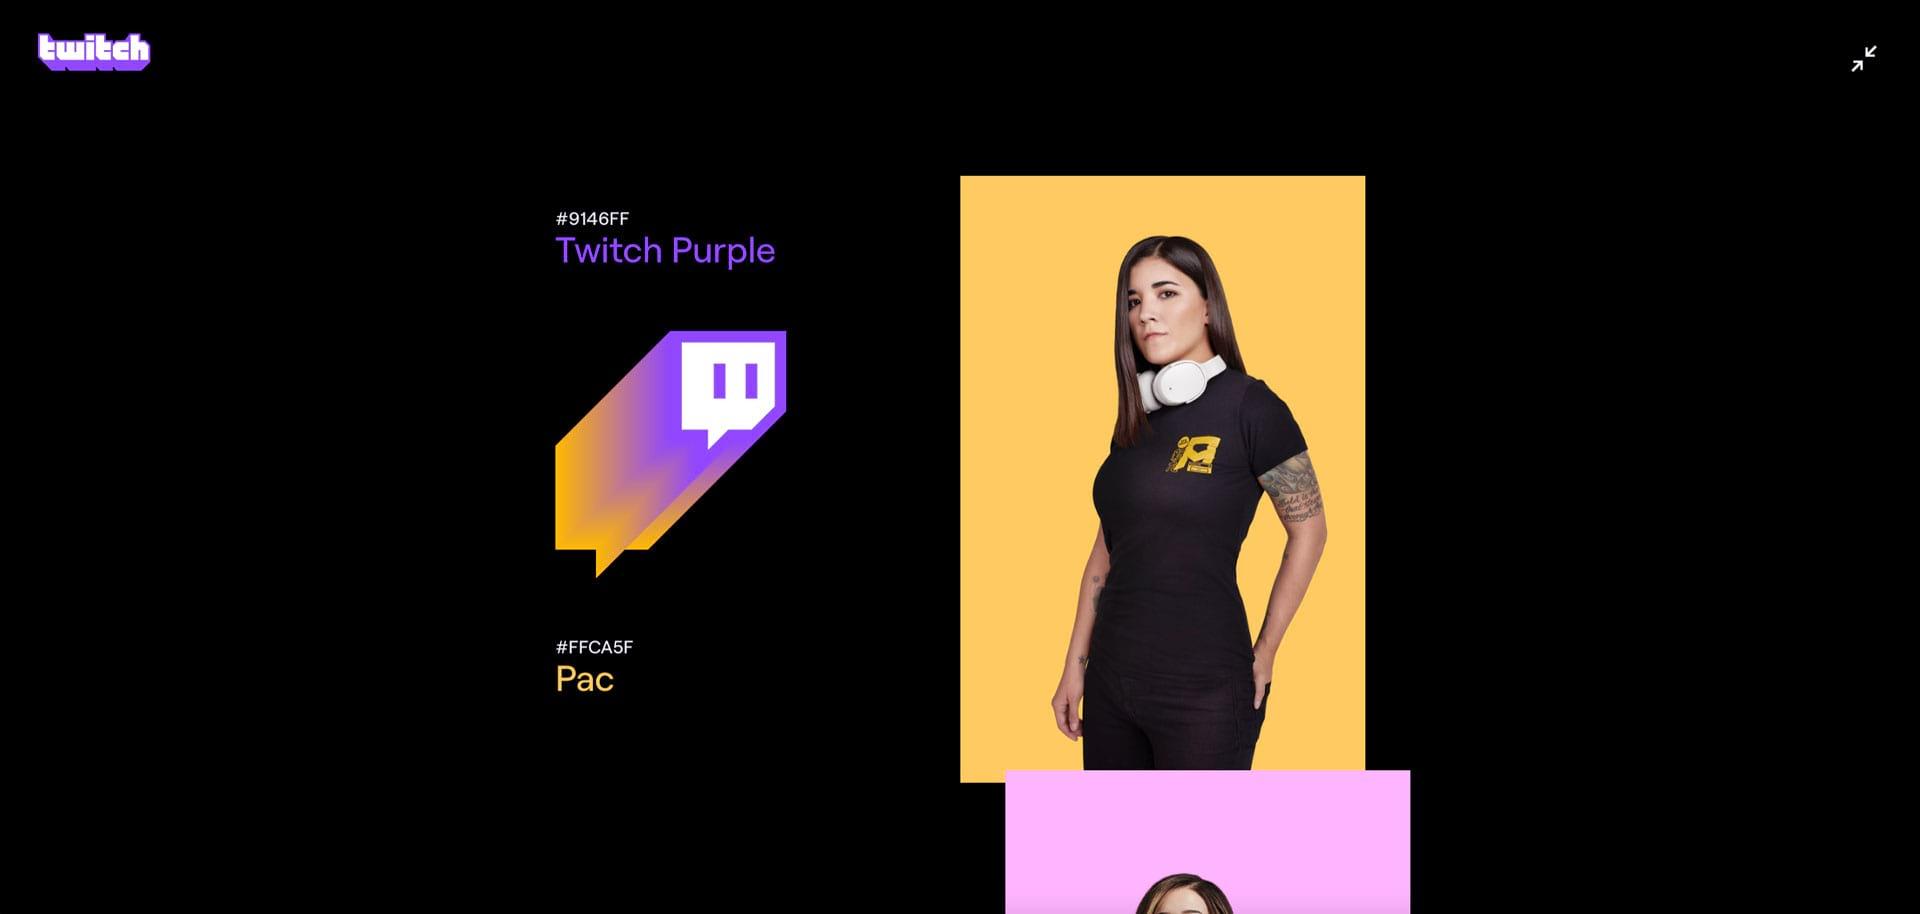 Ребрендинг Twitch с новой цветовой гаммой на веб странице